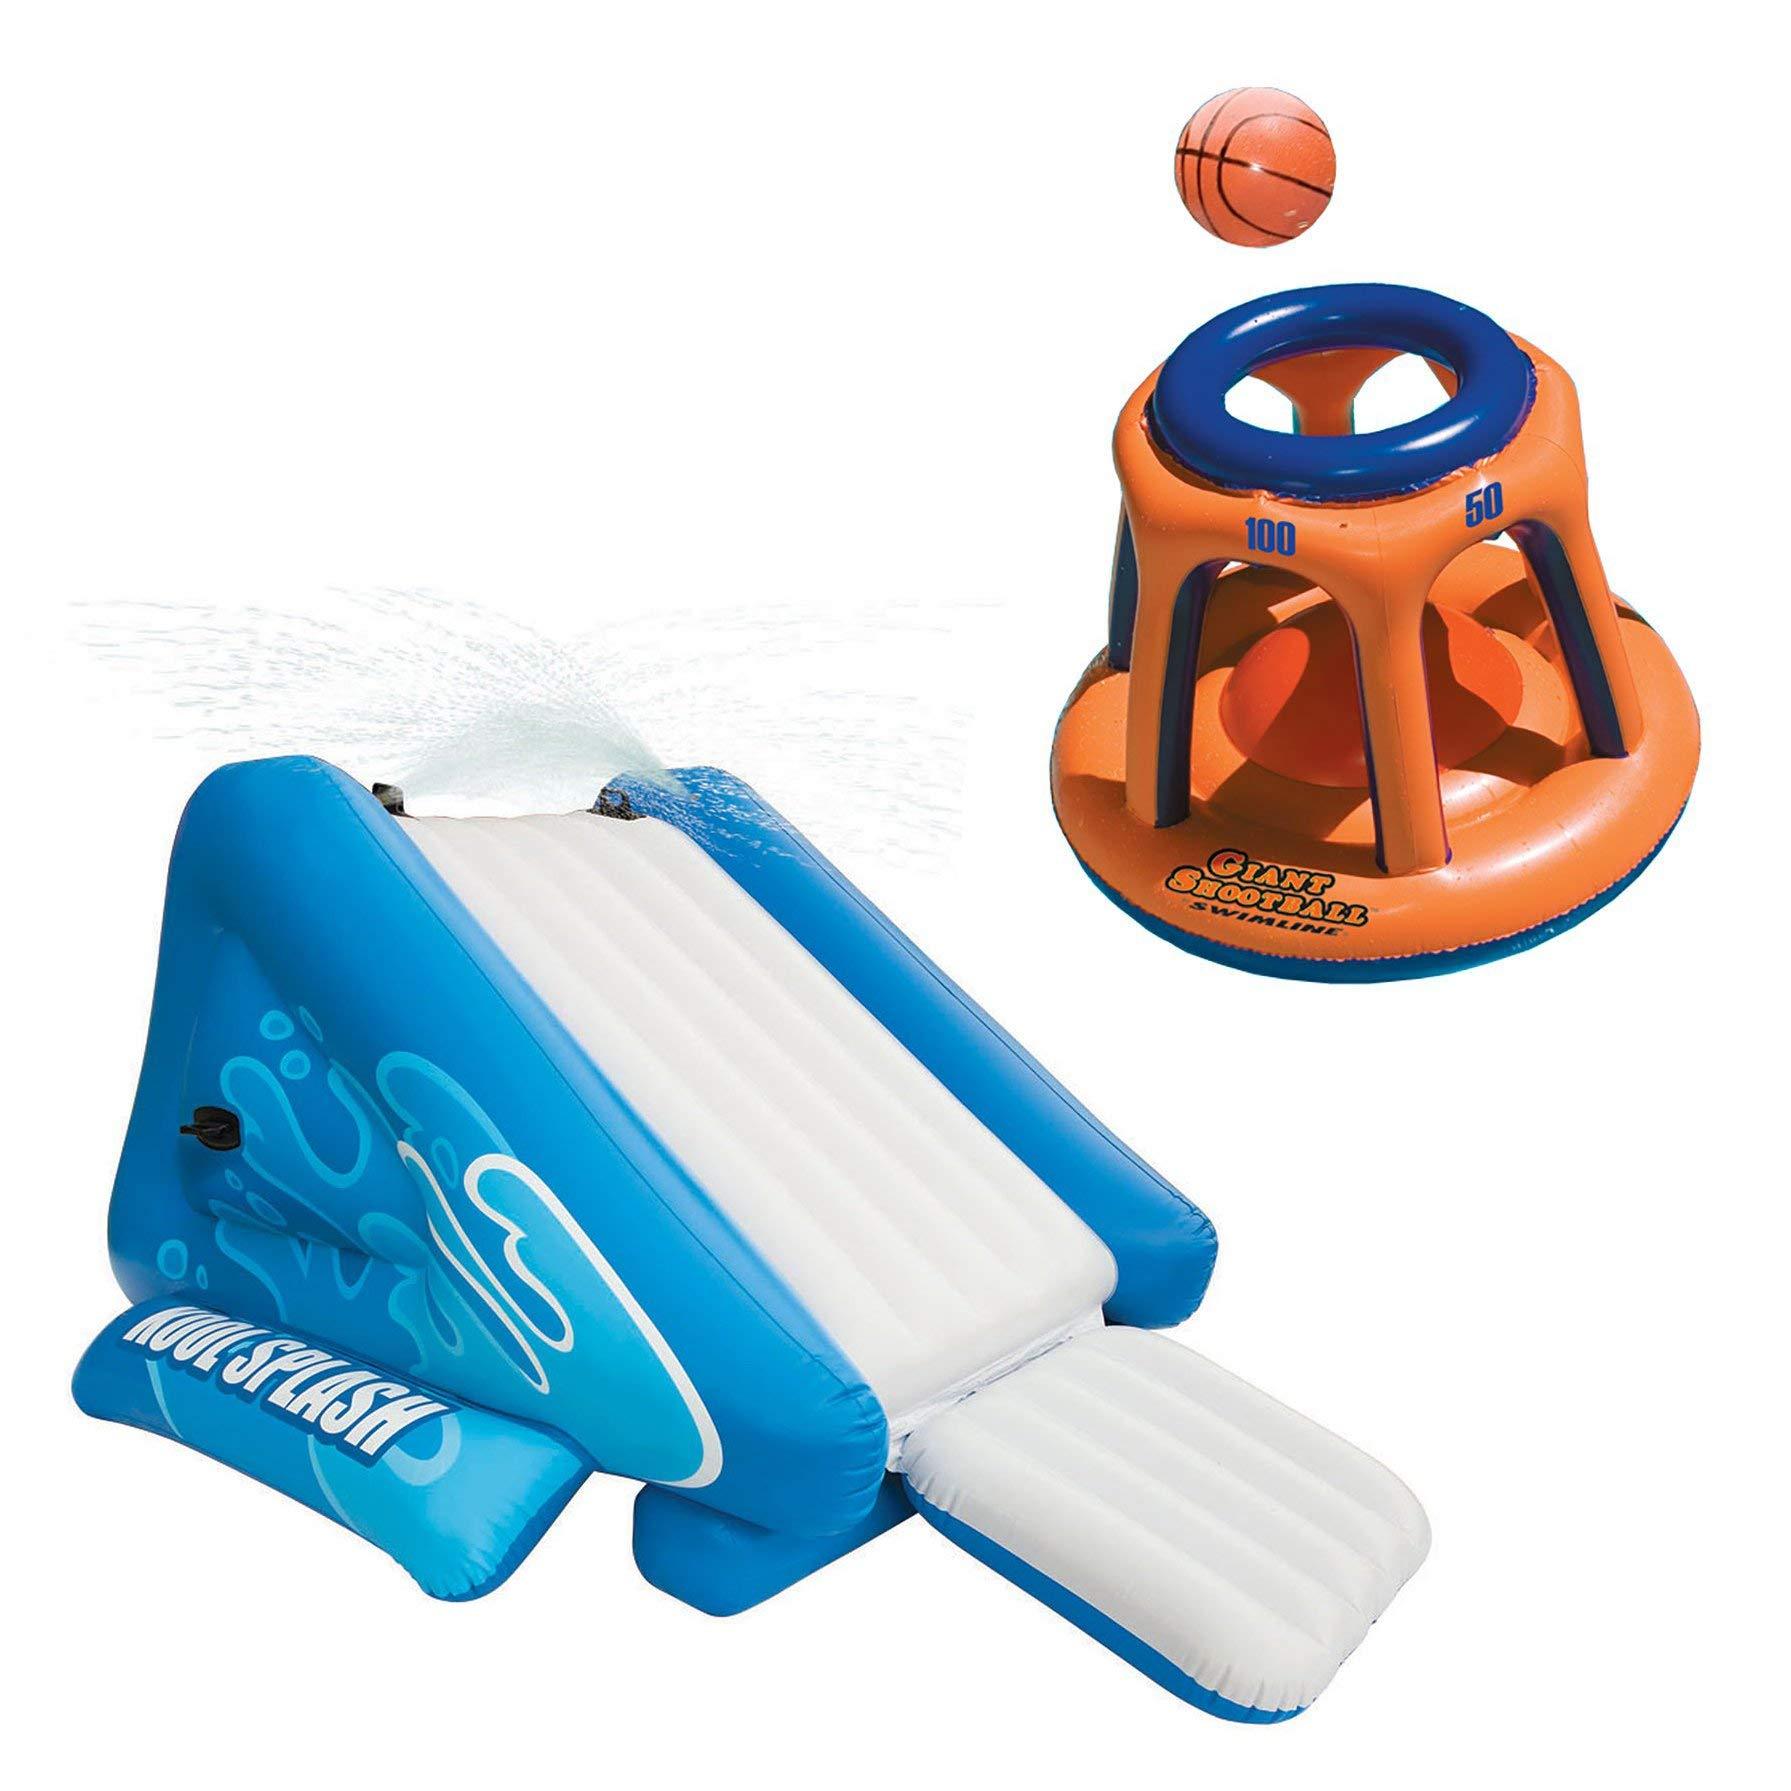 Intex Kool Splash Inflatable Swimming Pool Water Slide & Giant Basketball Hoop by Intex